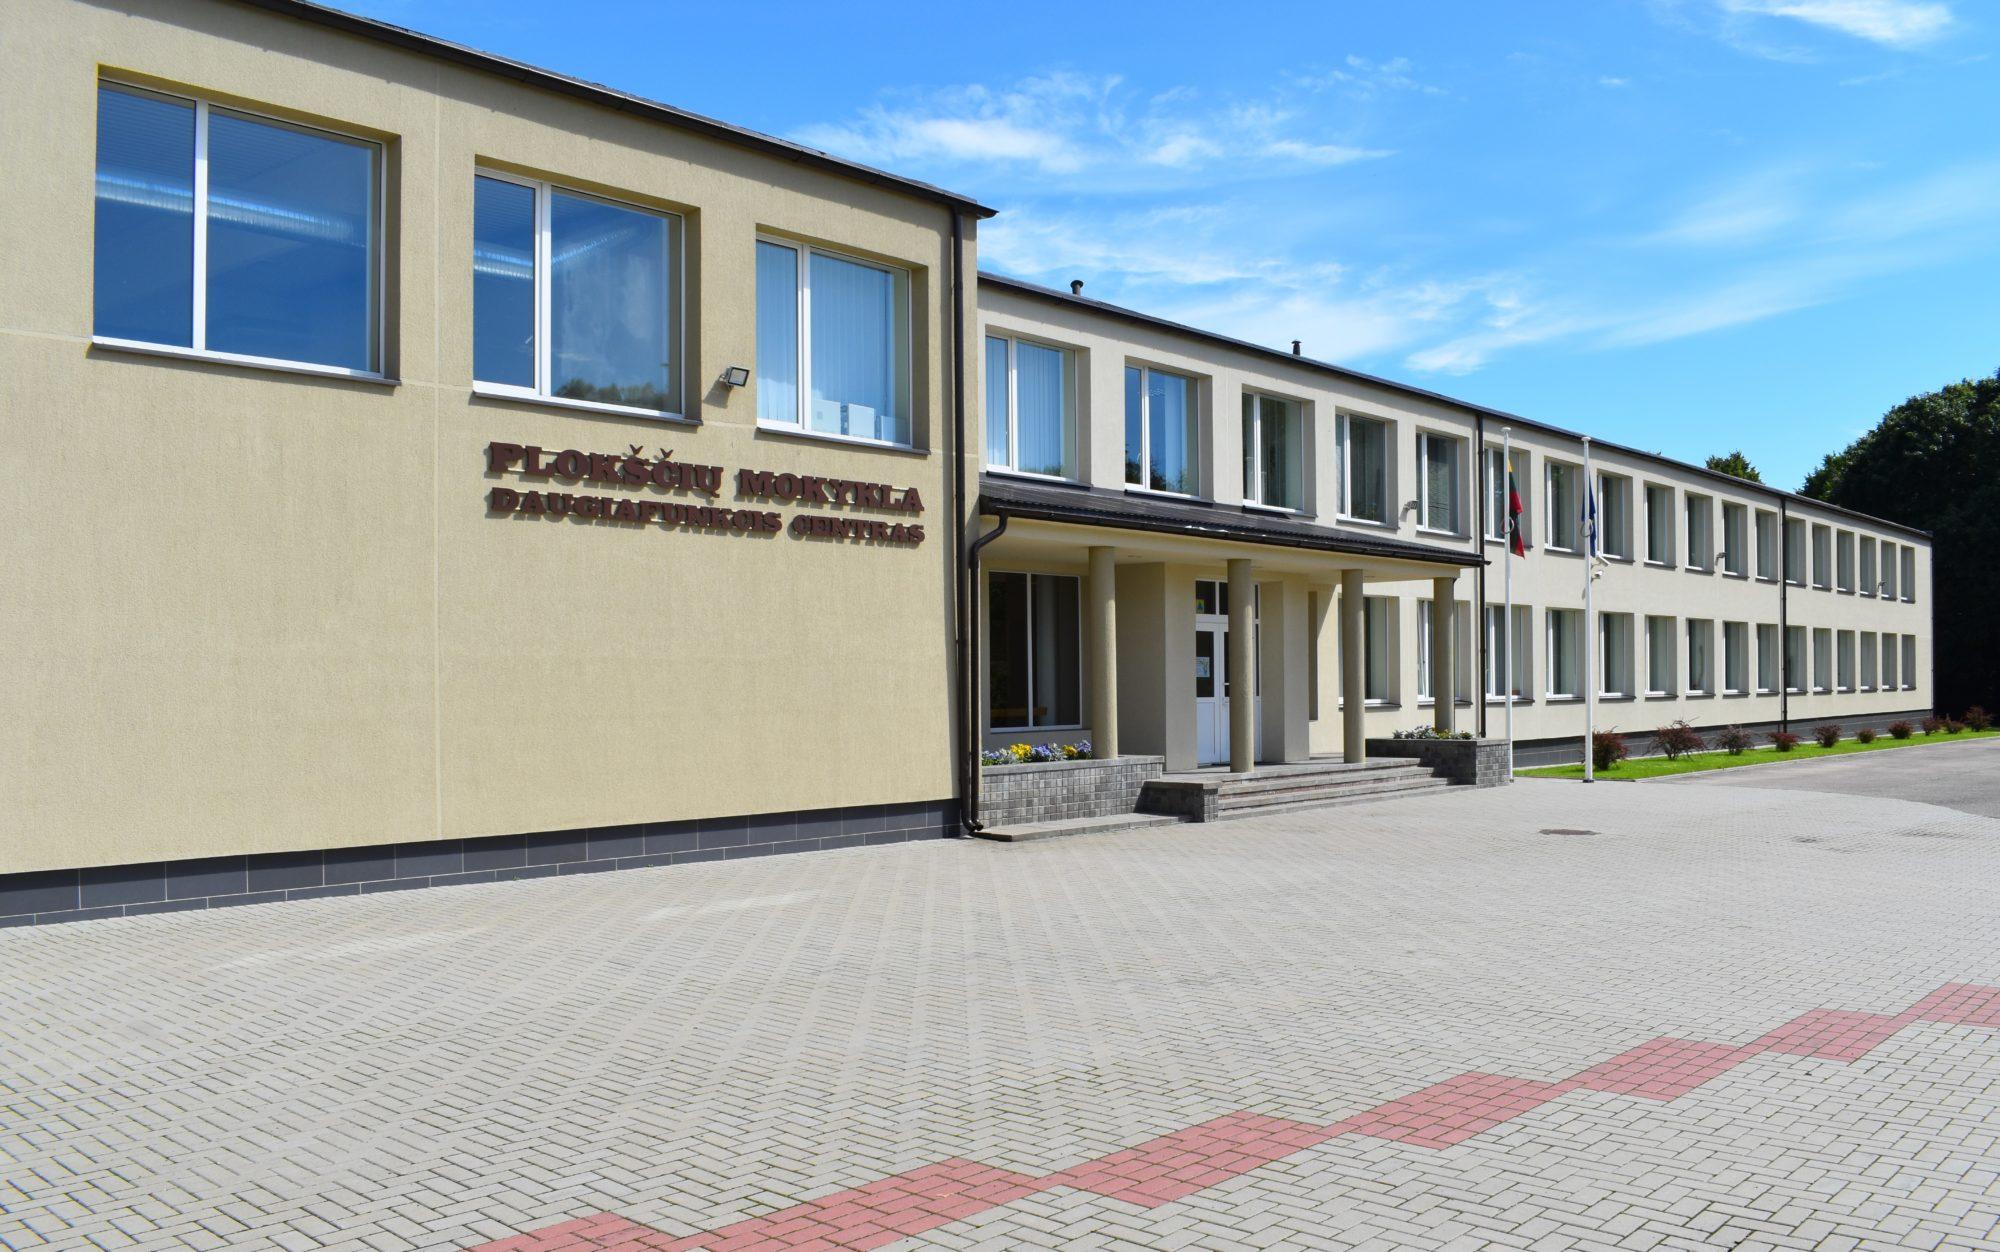 Plokščių mokykla daugiafunkcis centras